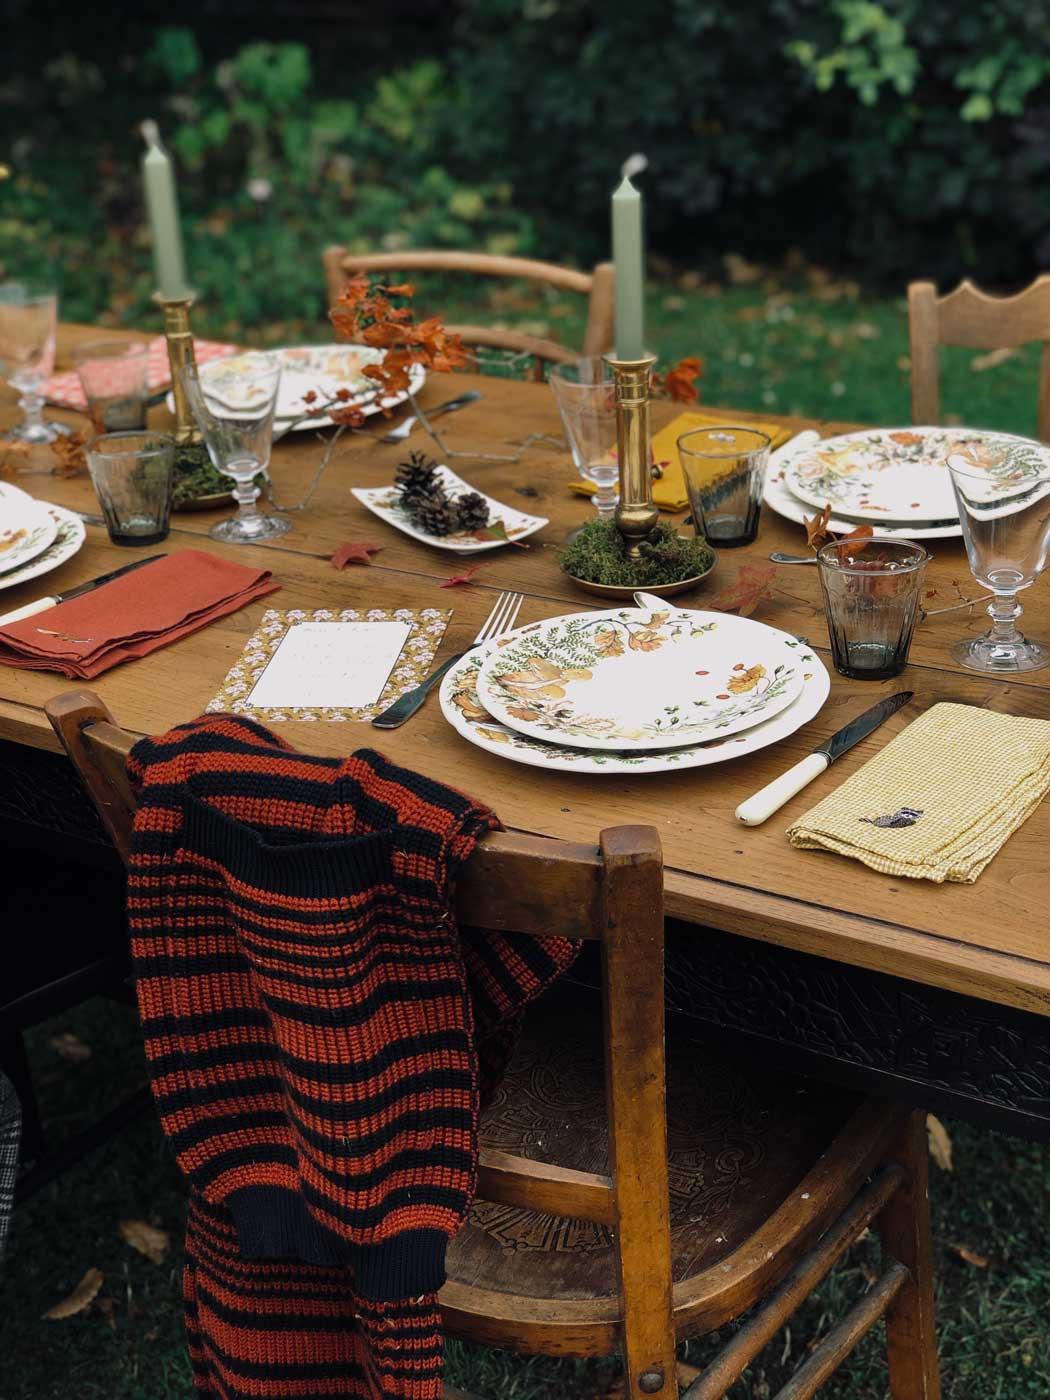 Autumn-table-setting-gien-chanterelles-15